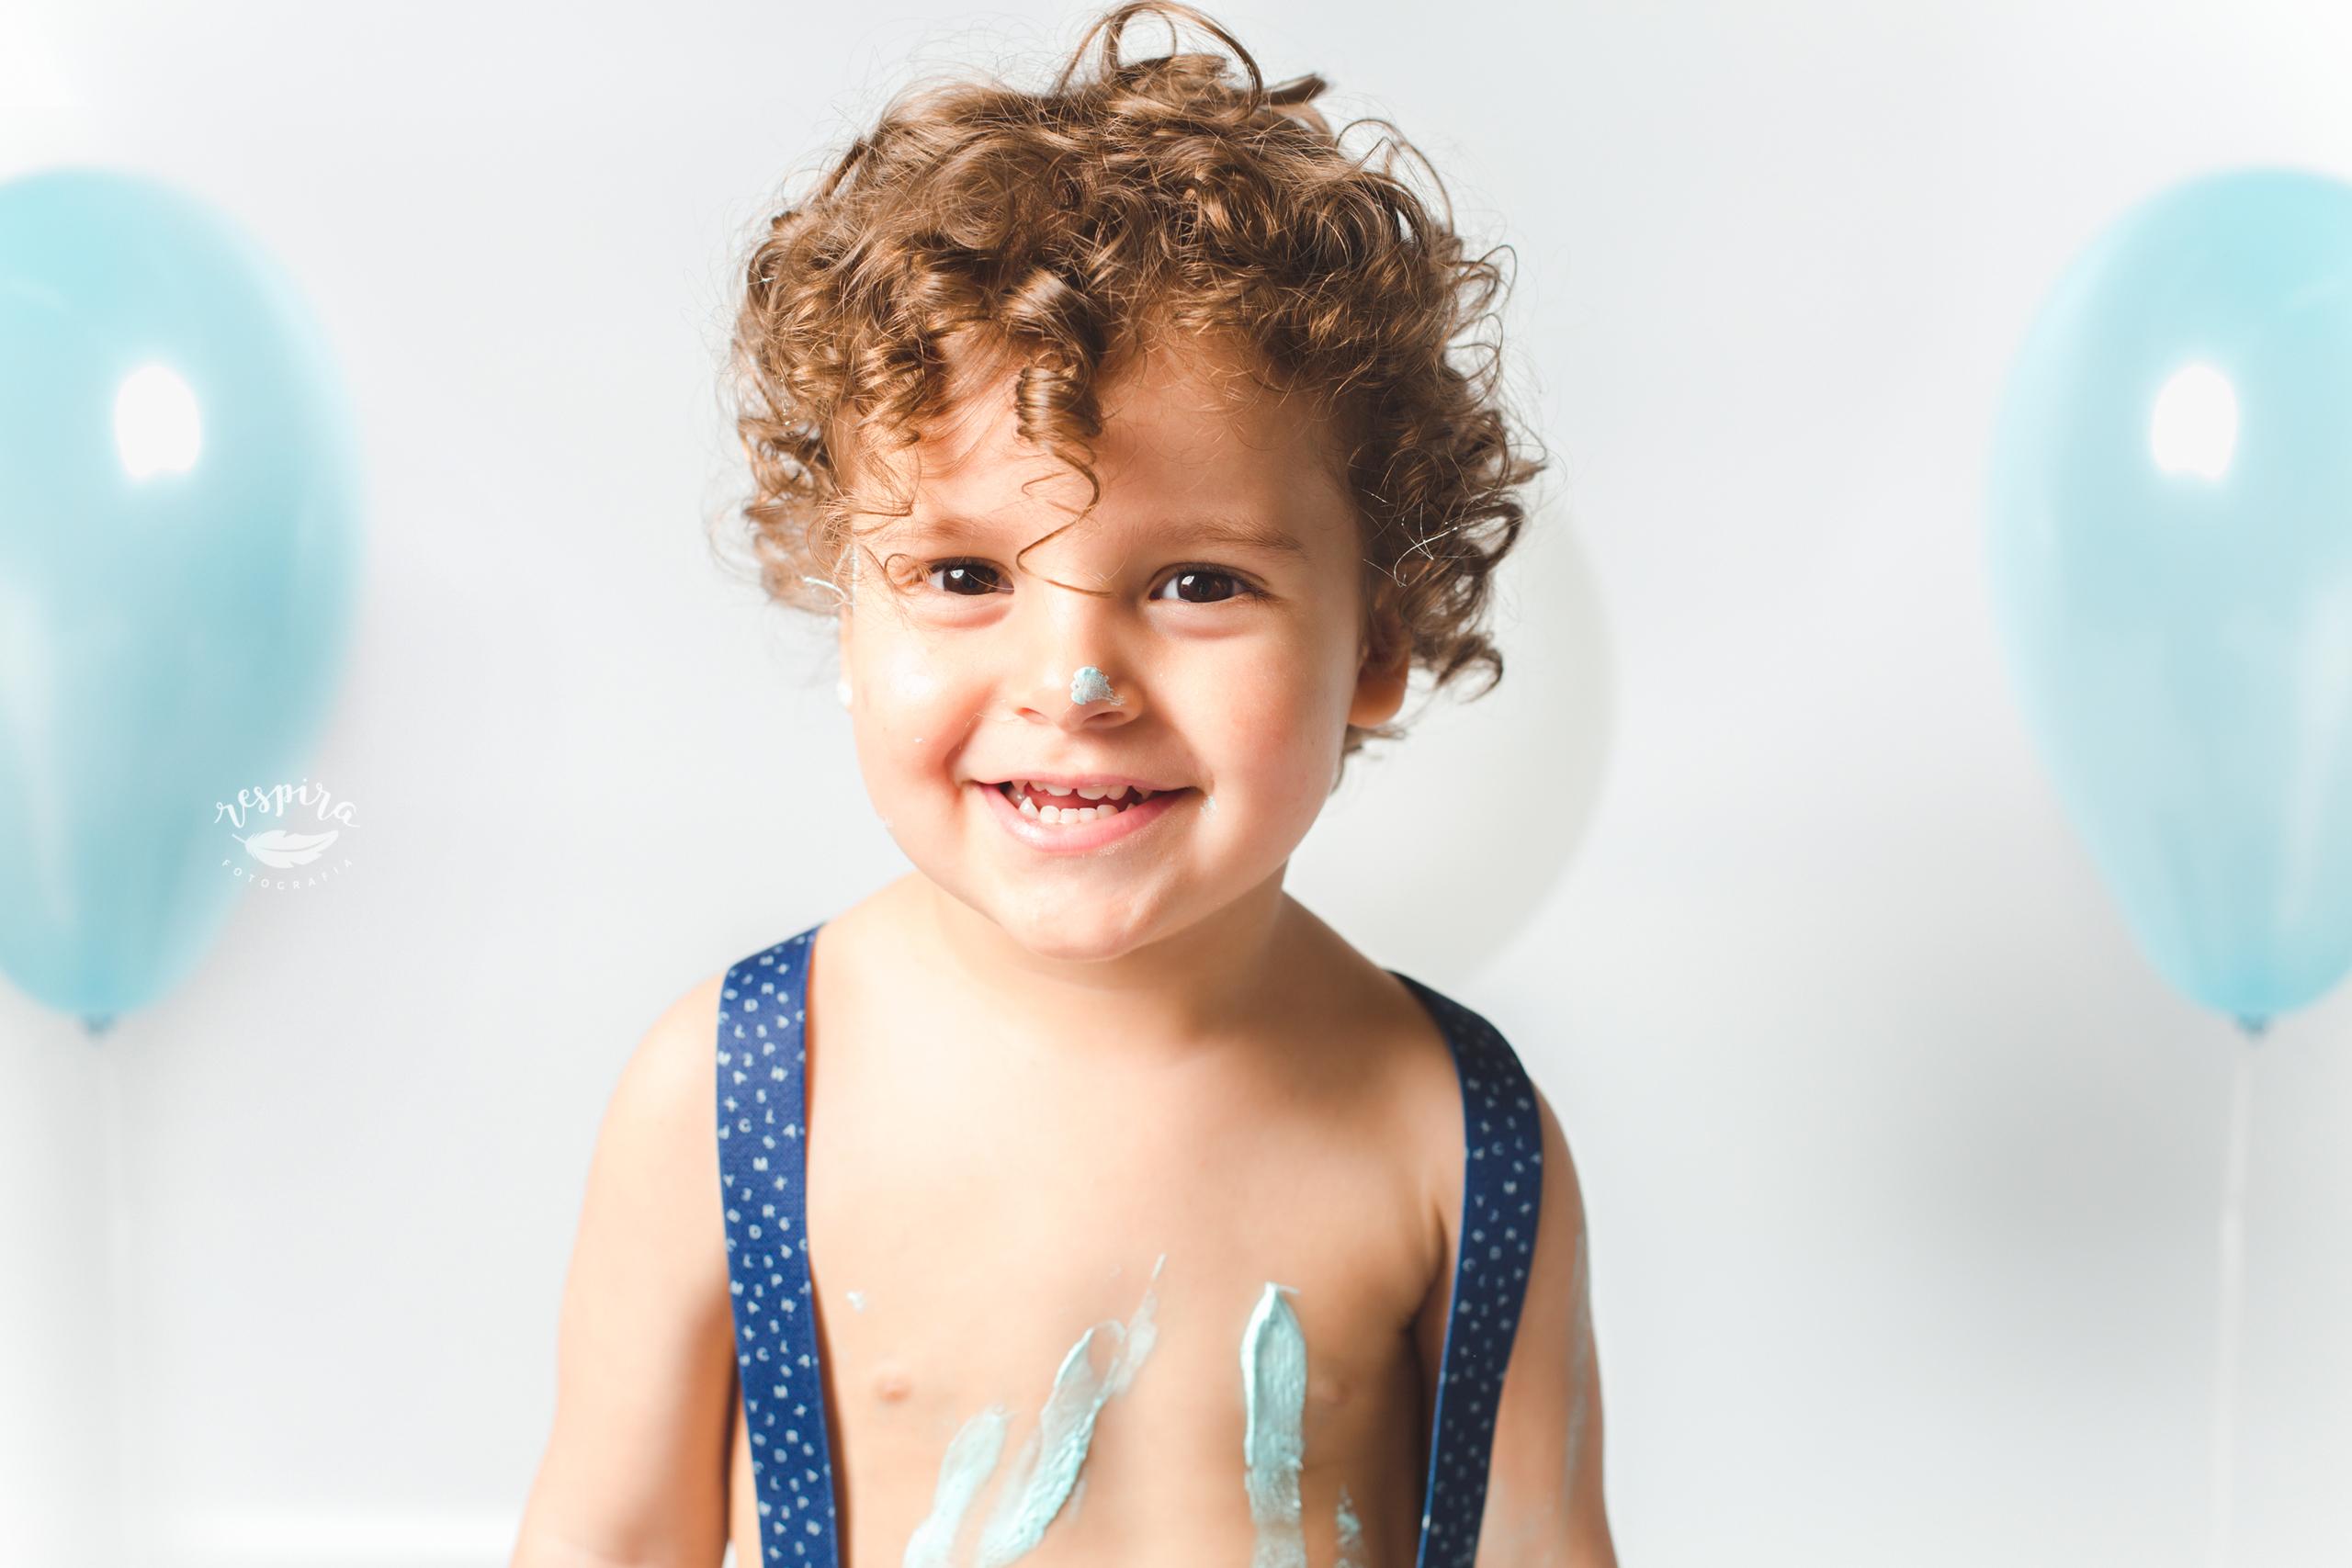 Fotograf de bebes a olesa de montserrat barcelona